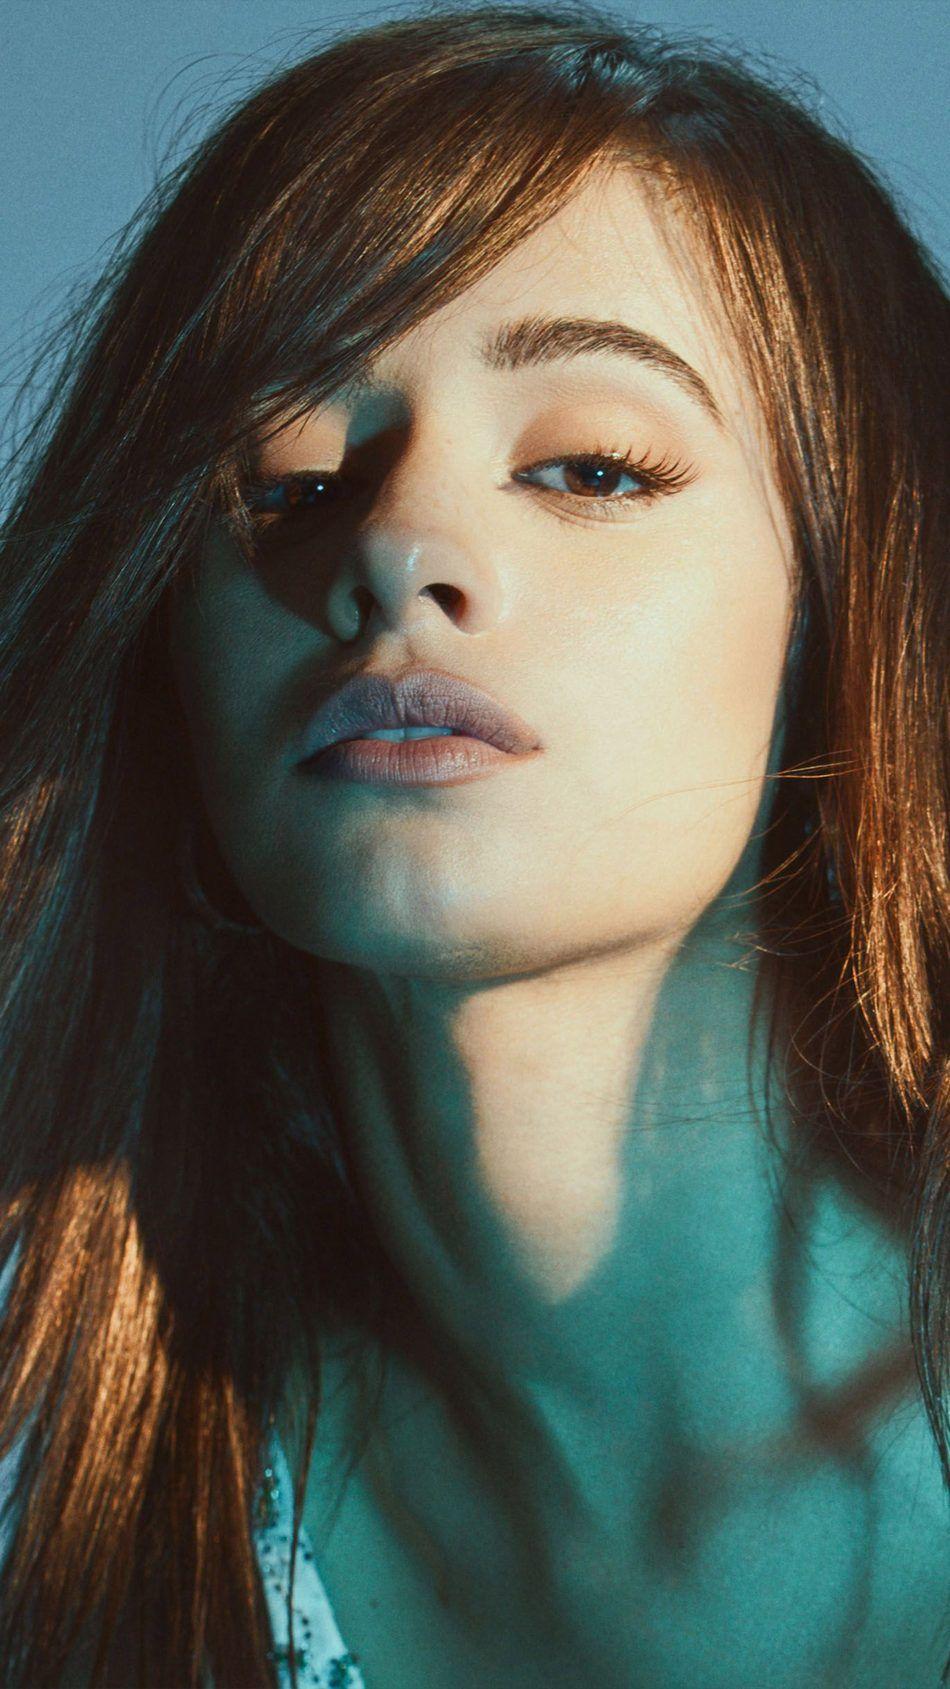 Camila Cabello Elle 2019 4k Ultra Hd Mobile Wallpaper Camila Cabello Camila And Lauren Singer